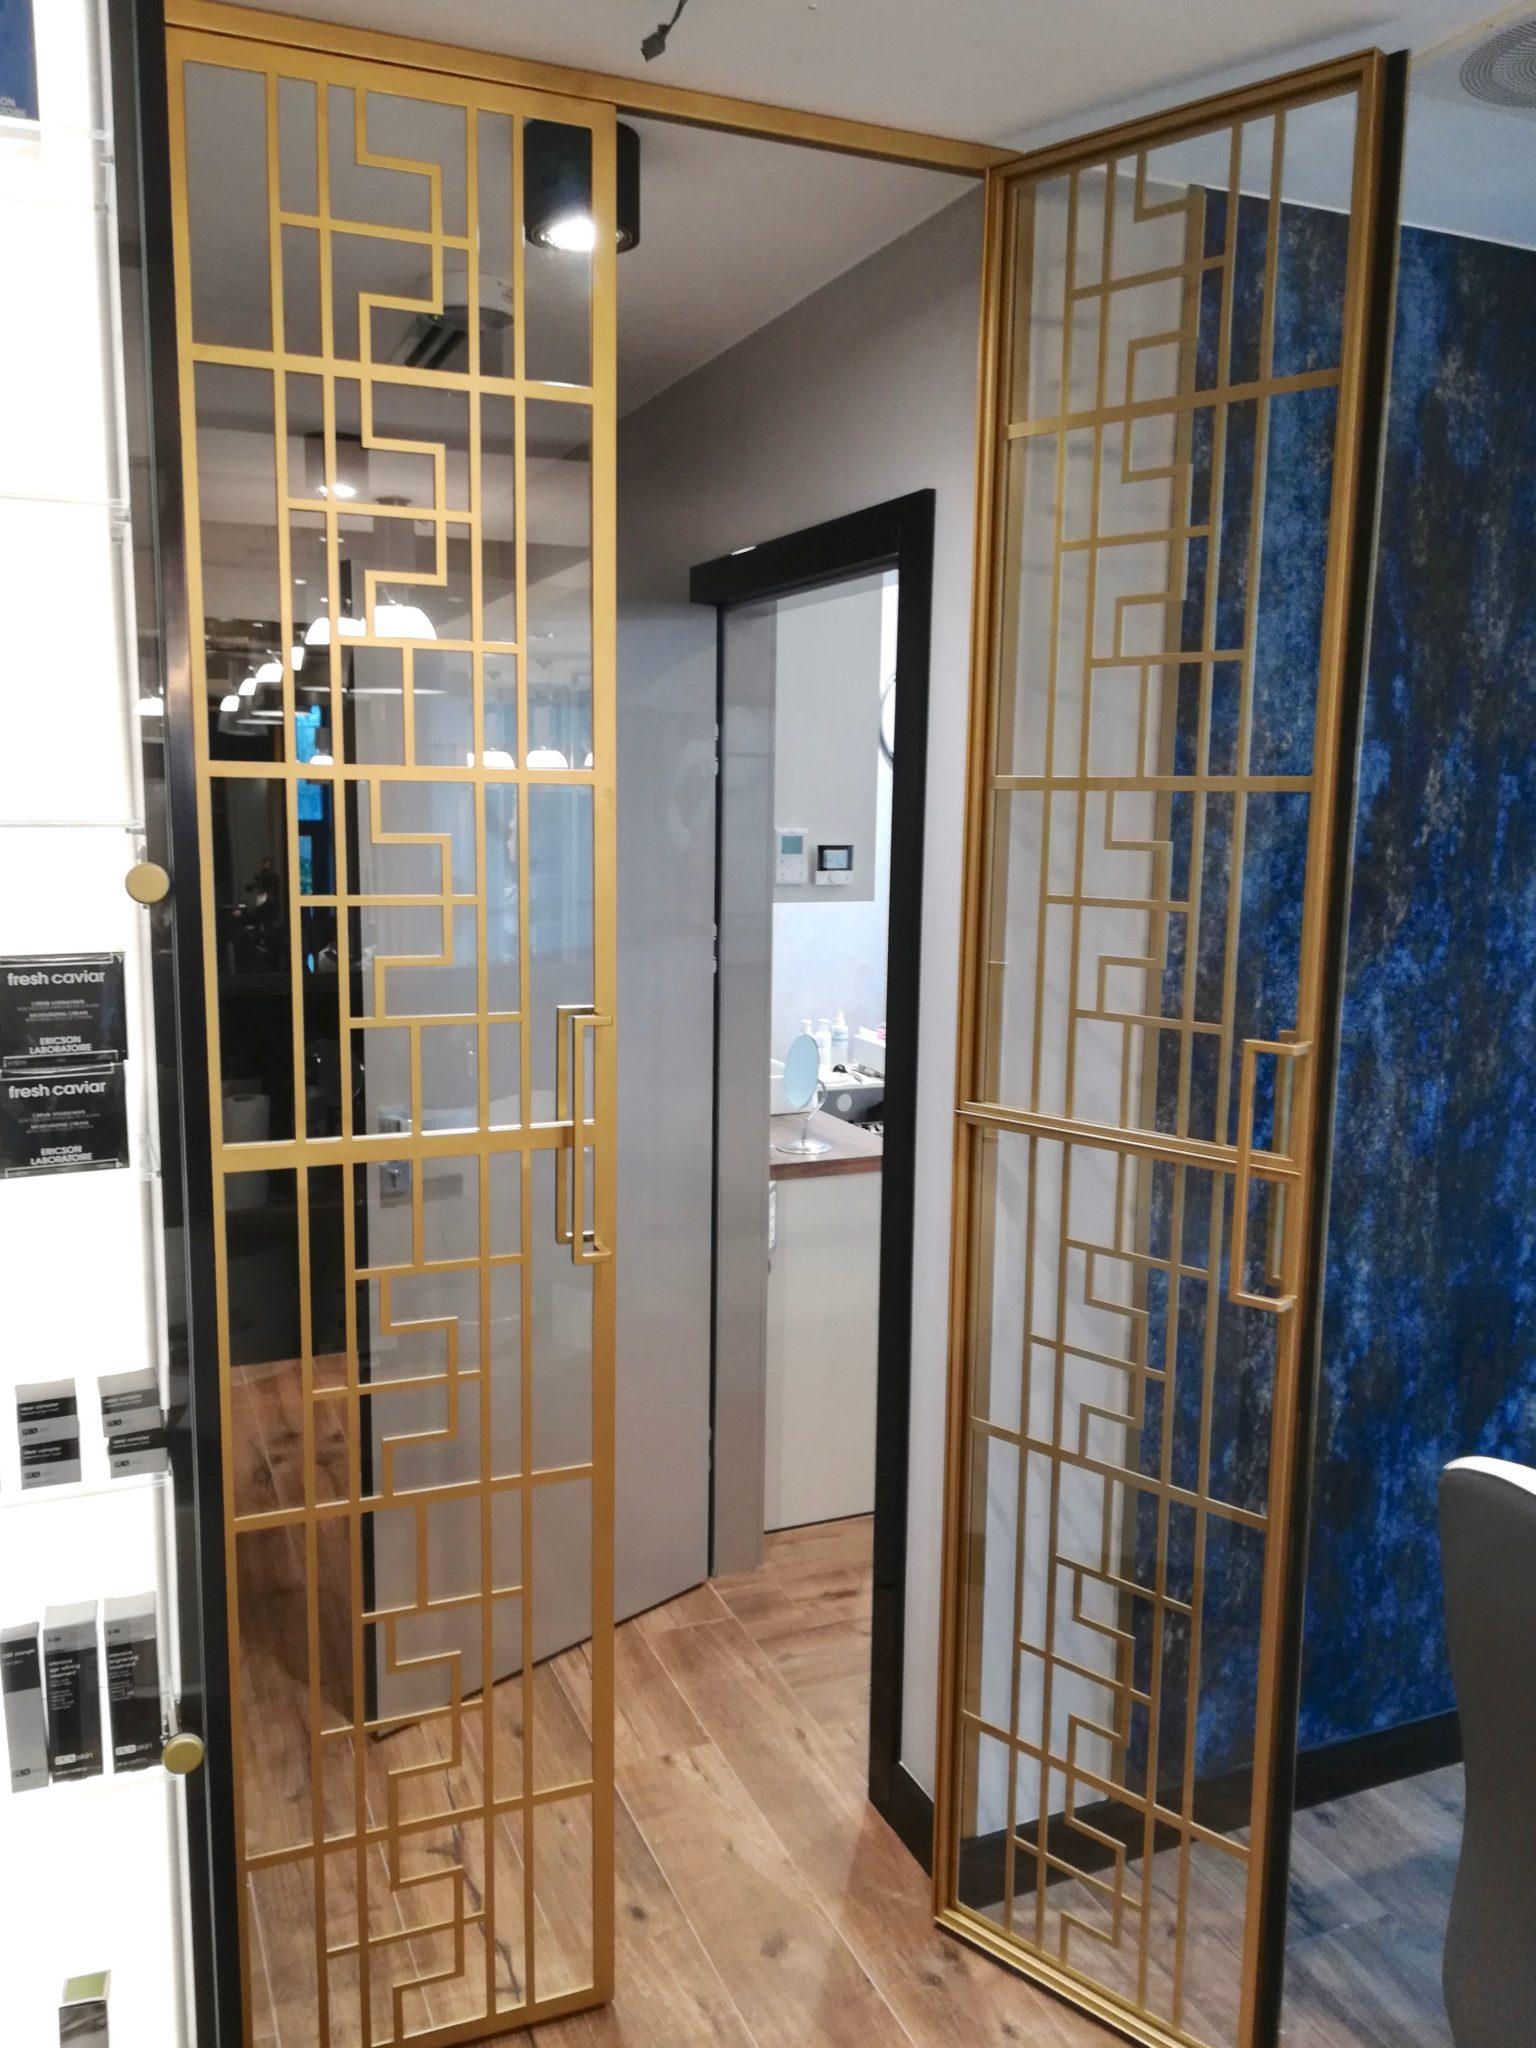 drzwi loftowe, drzwi loftowe przesuwne, icon loft, drzwi industrialne, drzwi industrialne przesuwne, drzwi metalowe, drzwi przeszklone, ścianka przeszklona